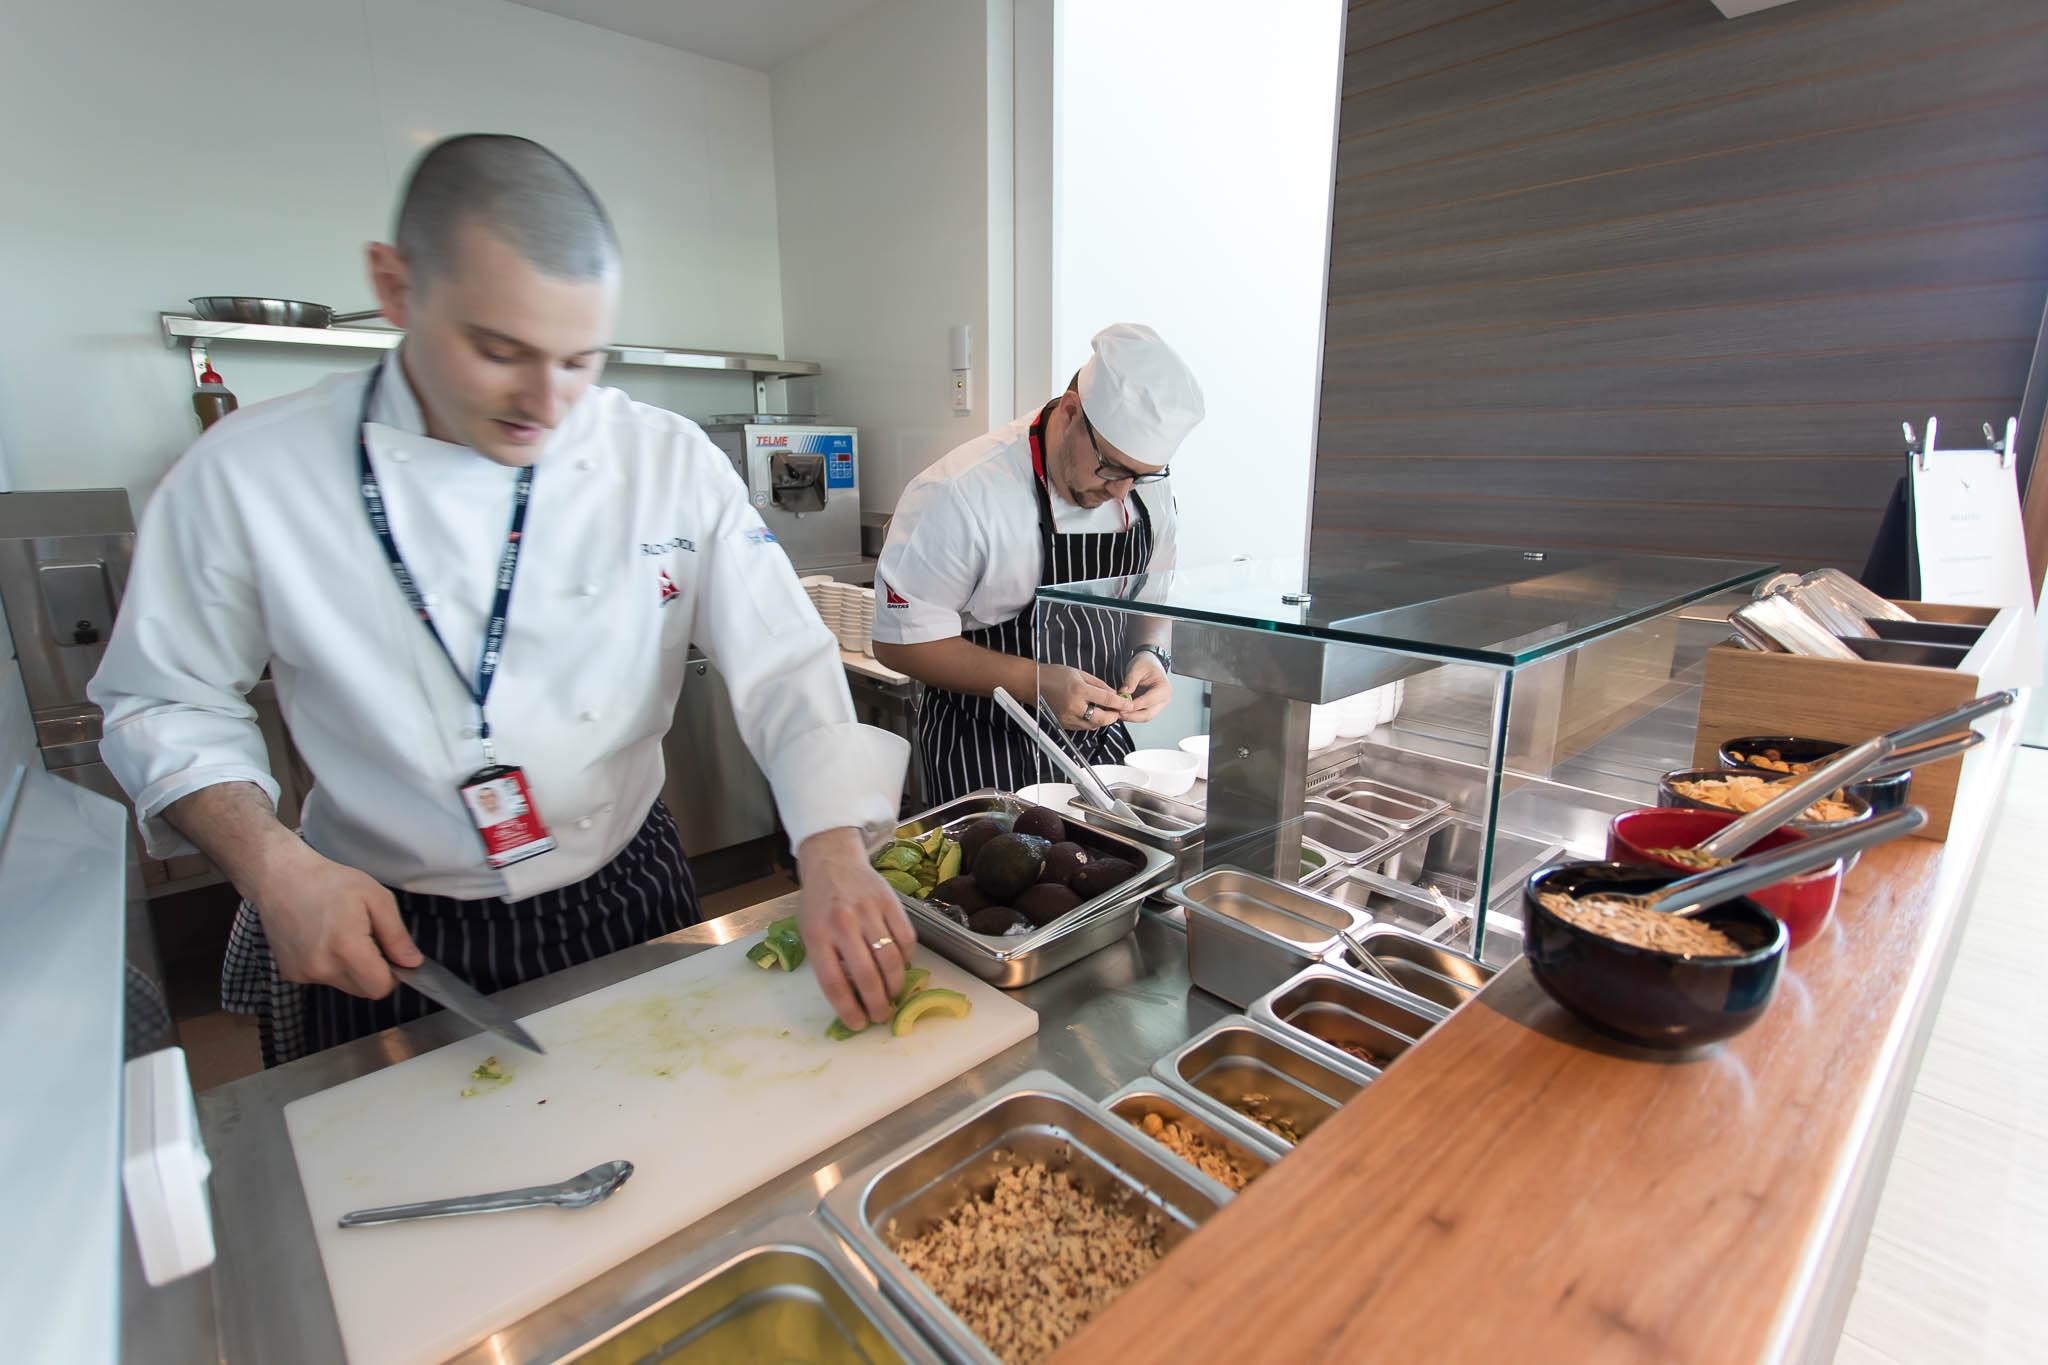 Qantas Brisbane International Lounge Level 2 Breakfast Hatch